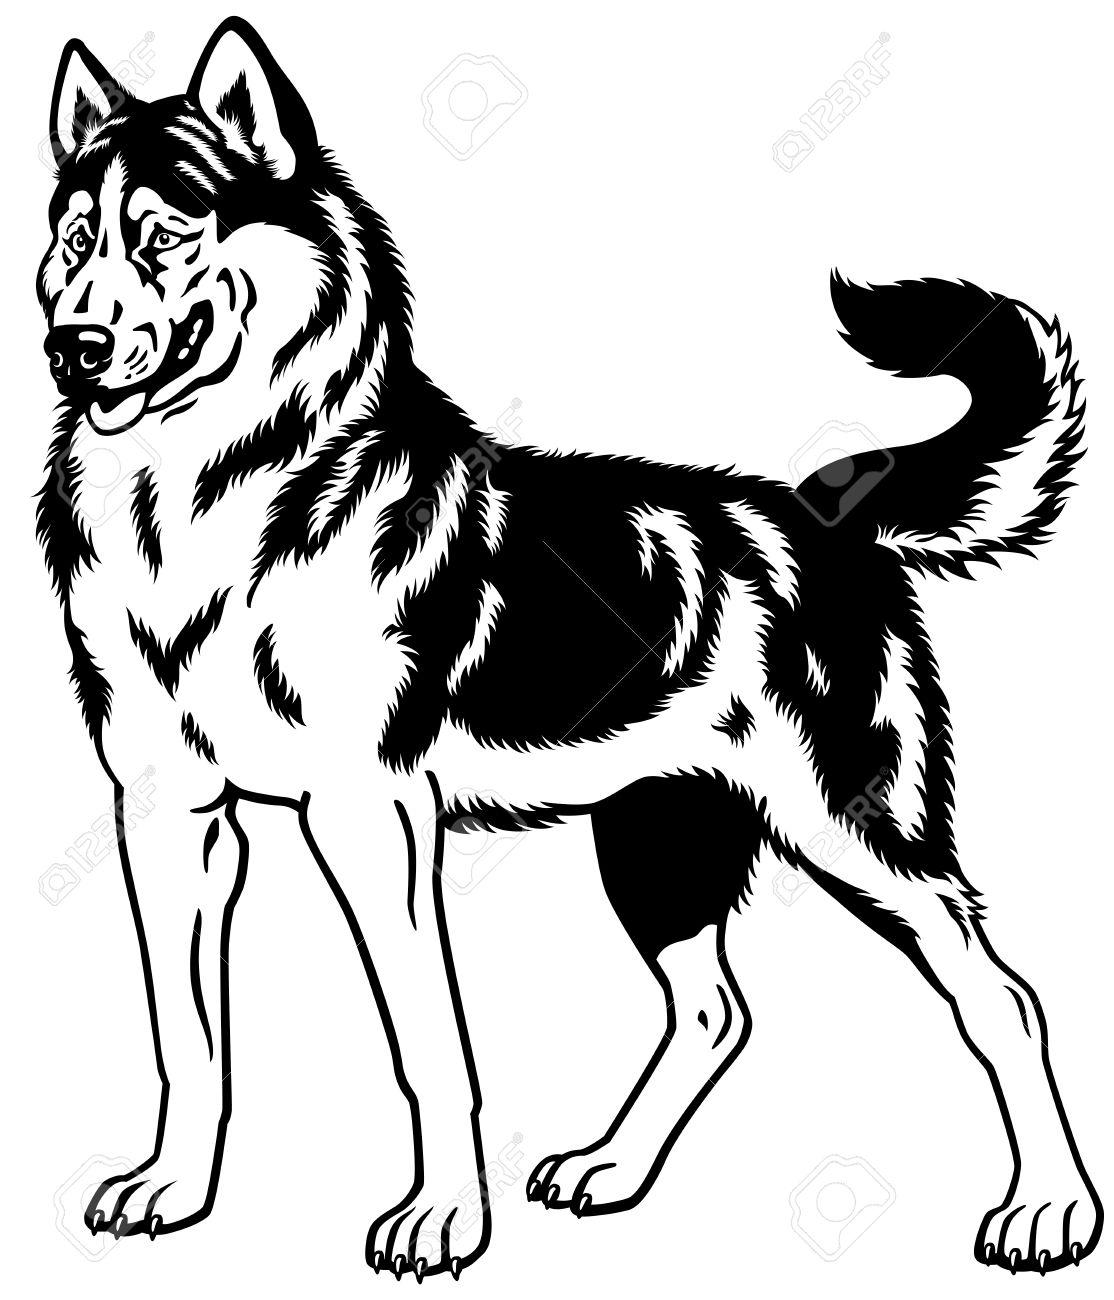 犬シベリアン ハスキー犬黒と白のイラストのイラスト素材ベクタ